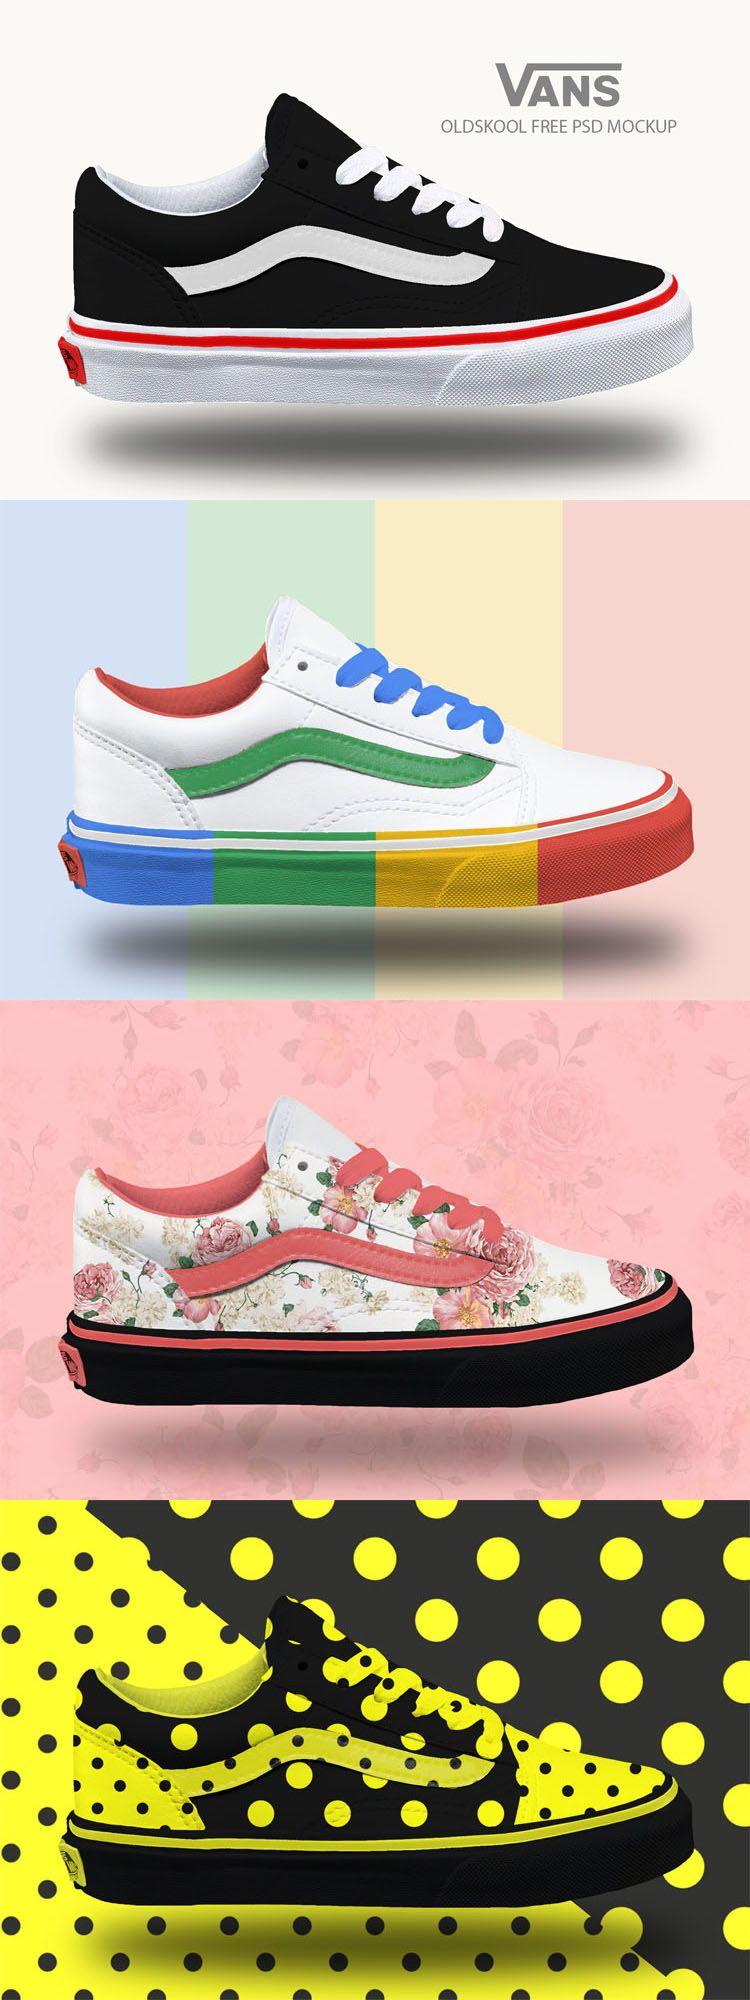 Download Free Vans Oldskool Sneakers Mockup Psd Vans Clothing Mockup Sneakers